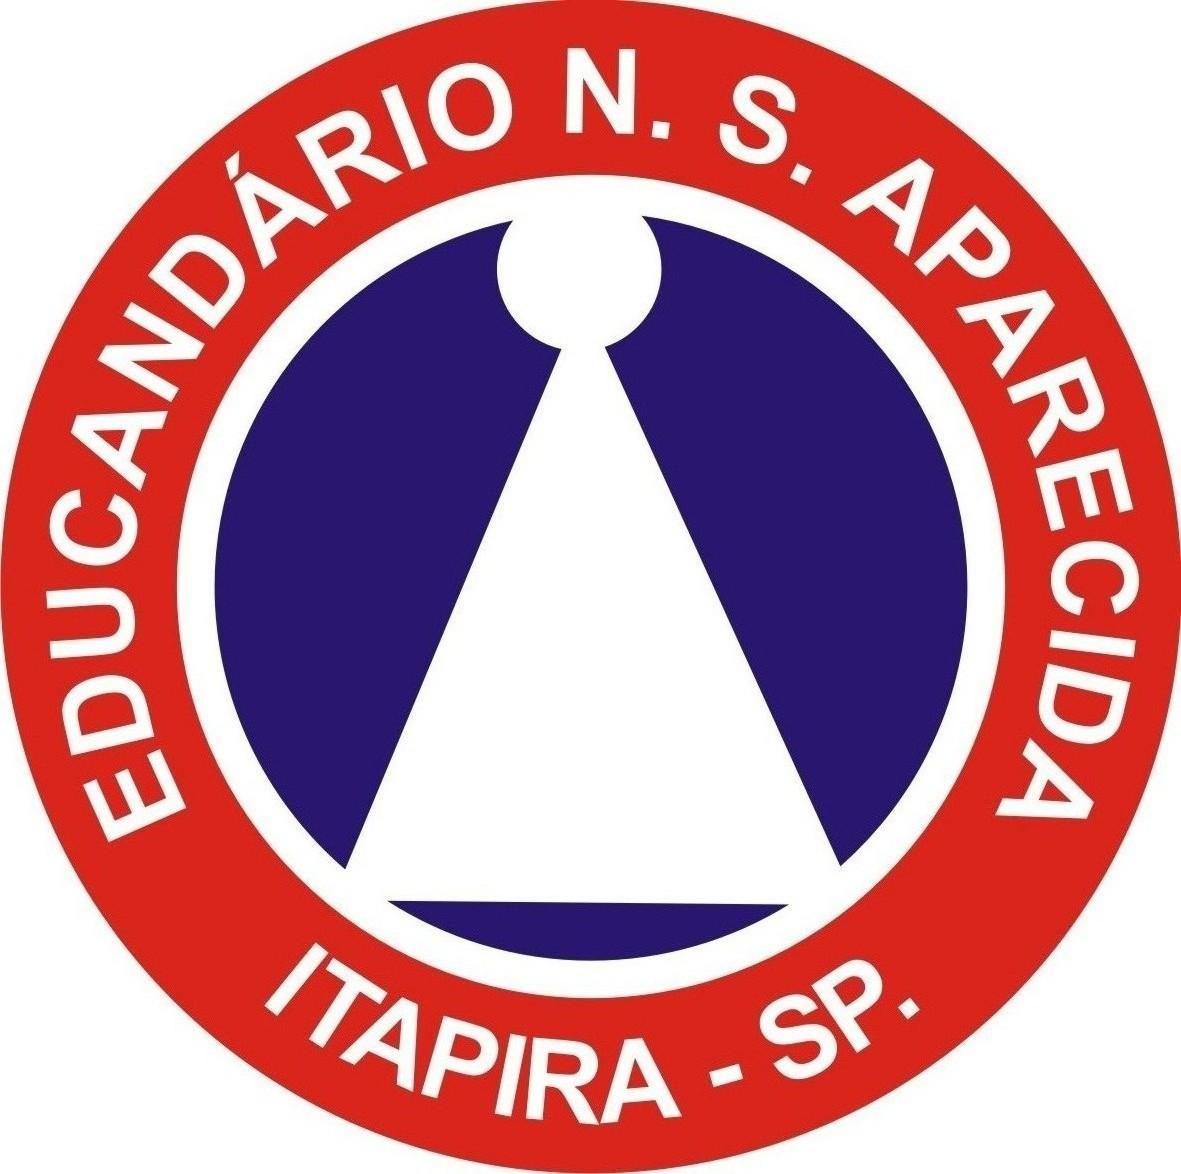 Educandário Nossa Senhora Aparecida - Itapira SP